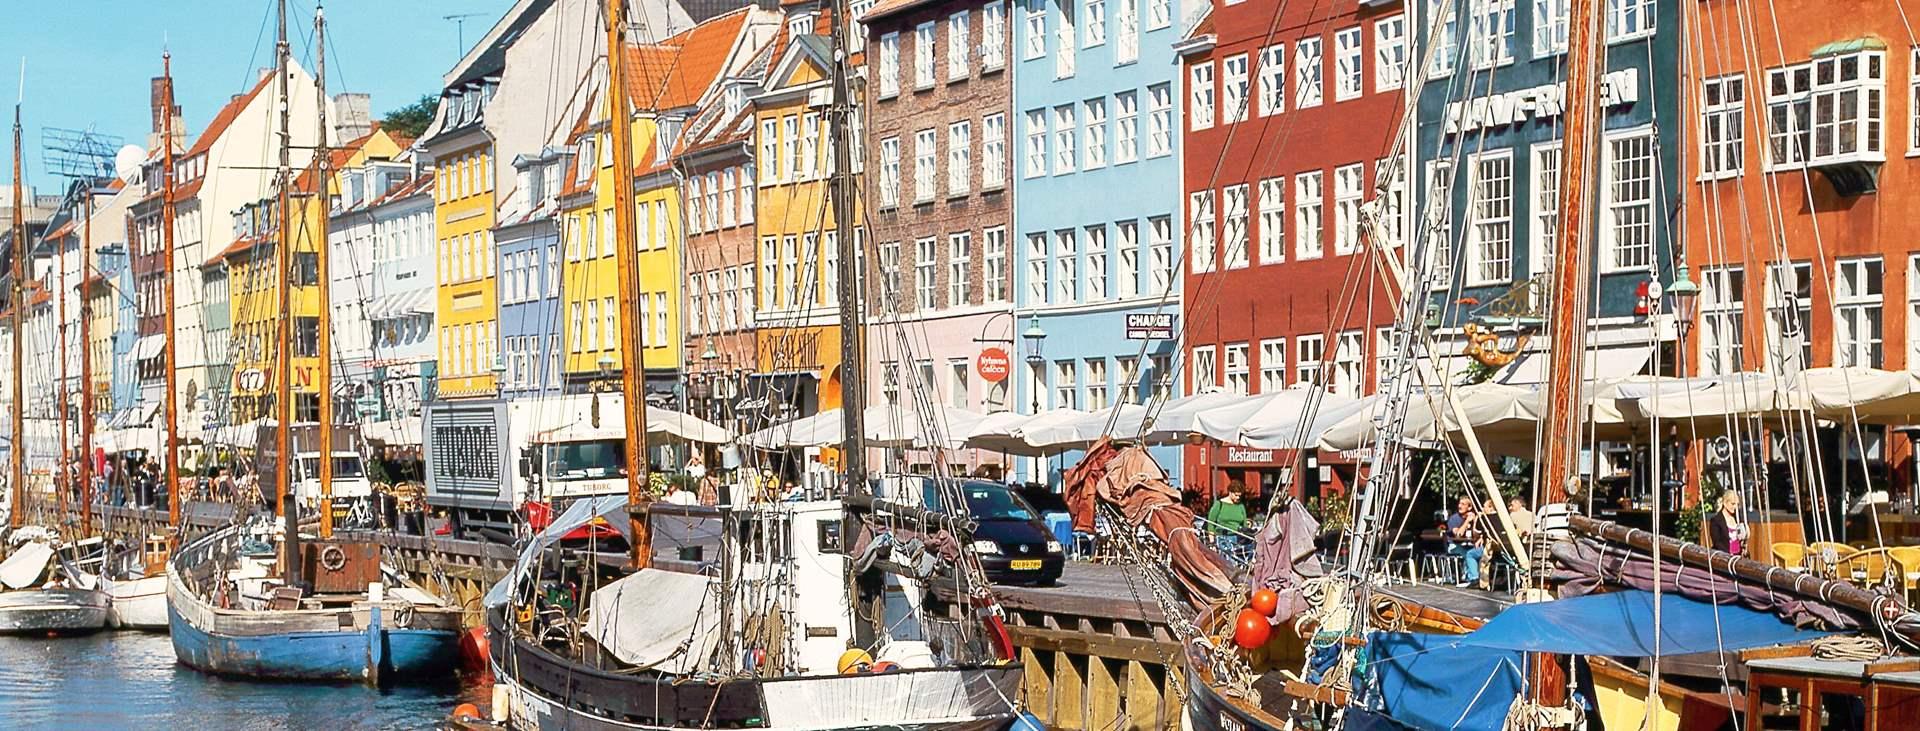 Bestill en helgetur til Danmark med fly og hotell